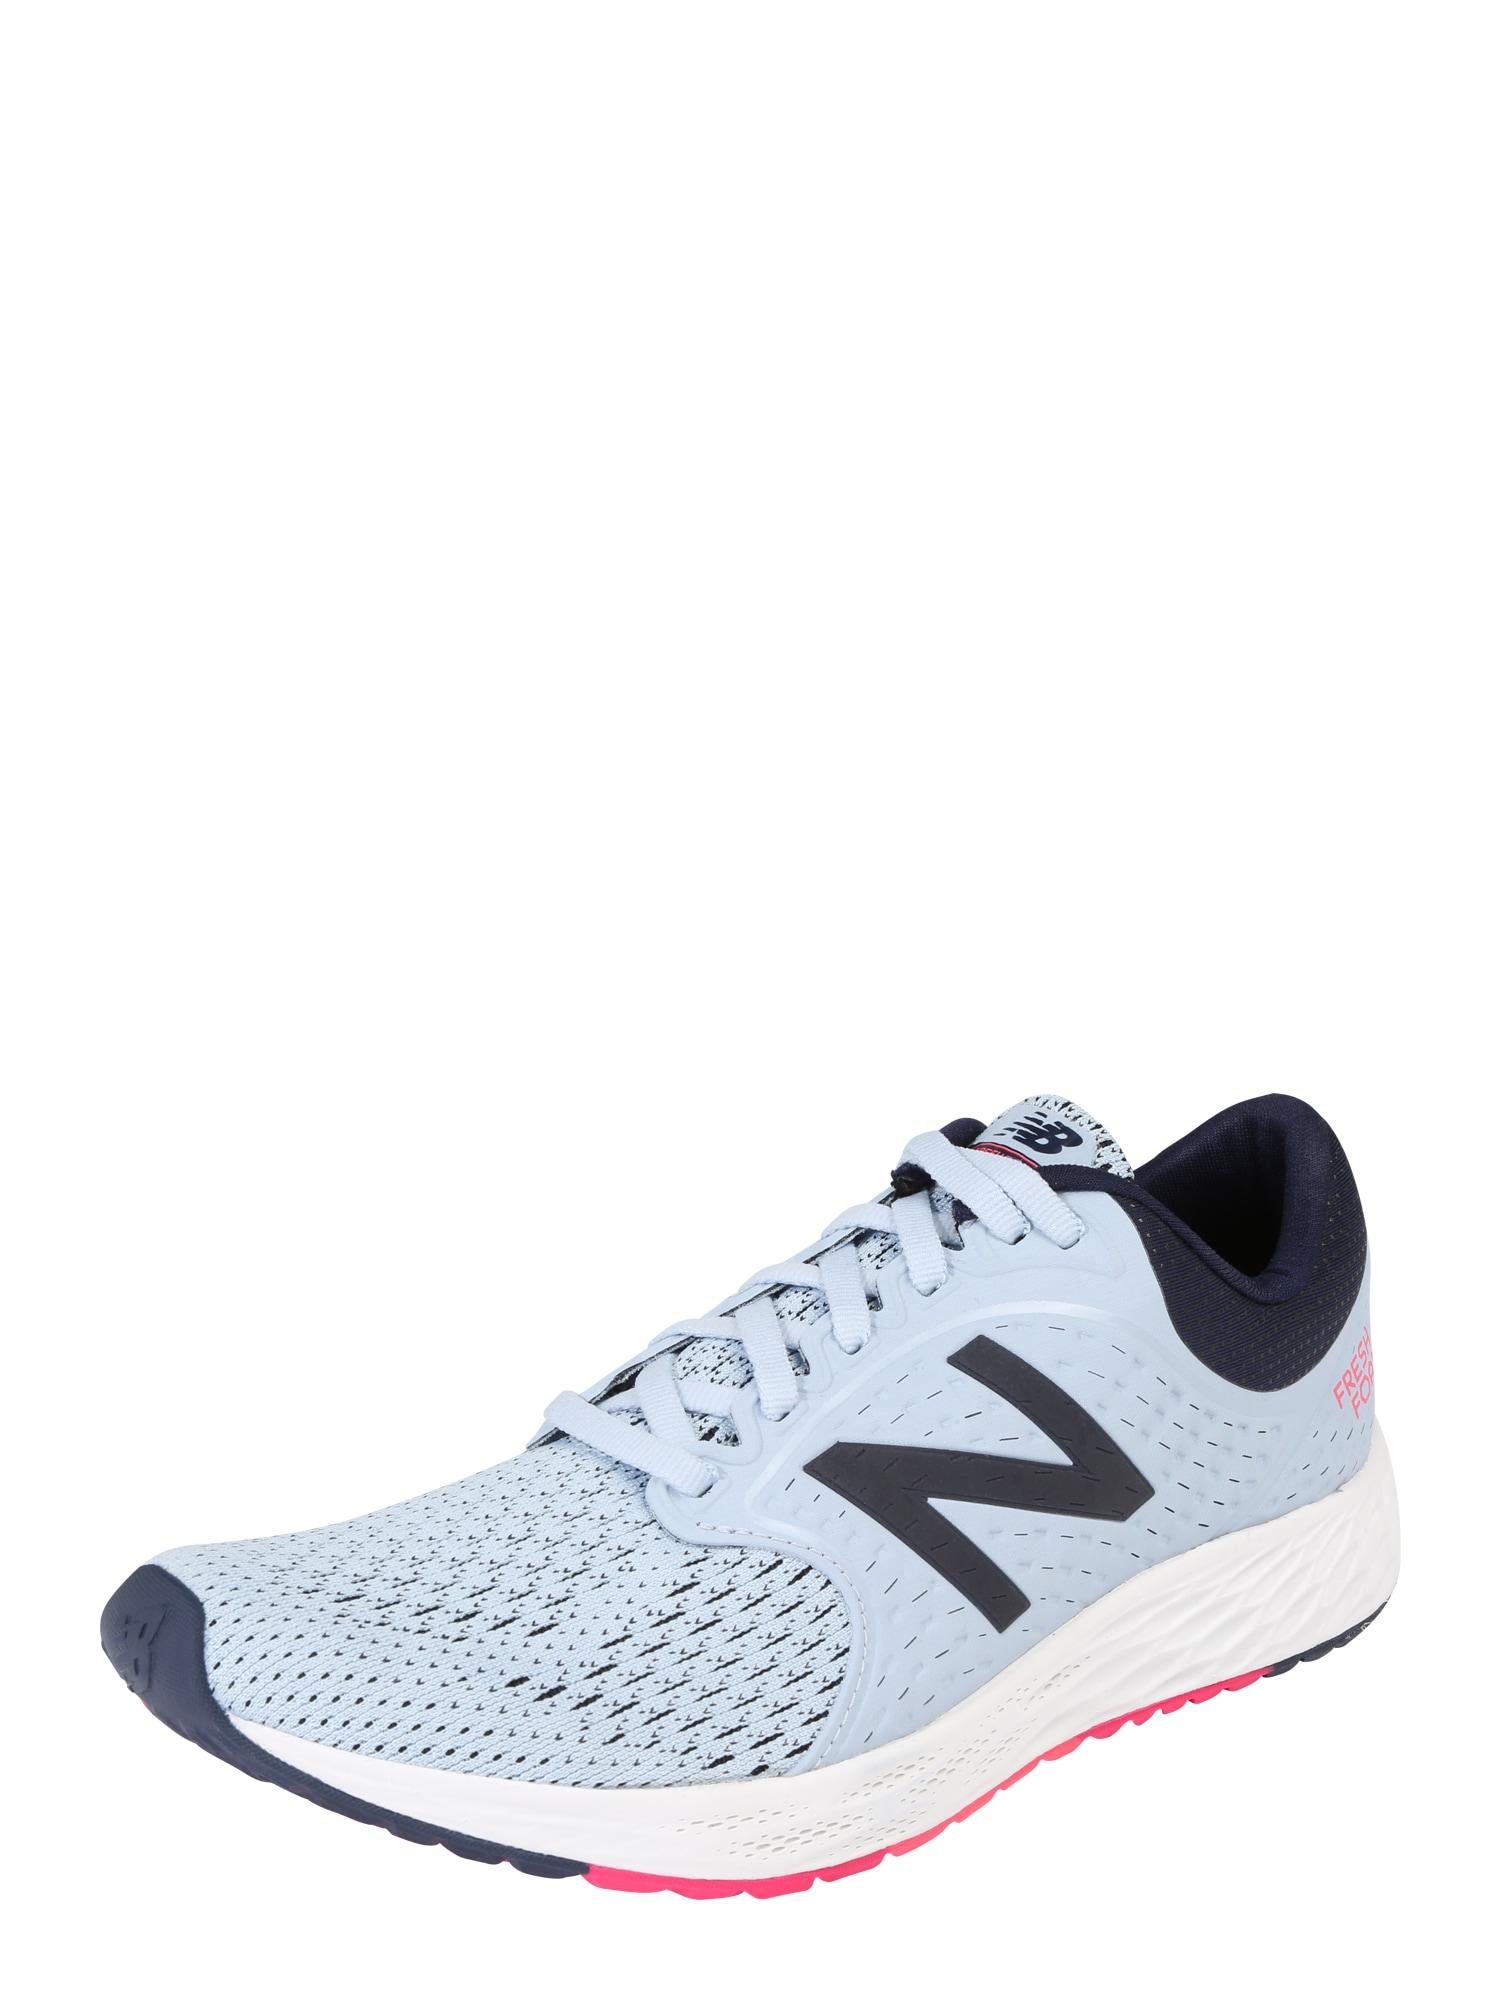 Běžecká obuv WZANTIB4 noční modrá světlemodrá New Balance